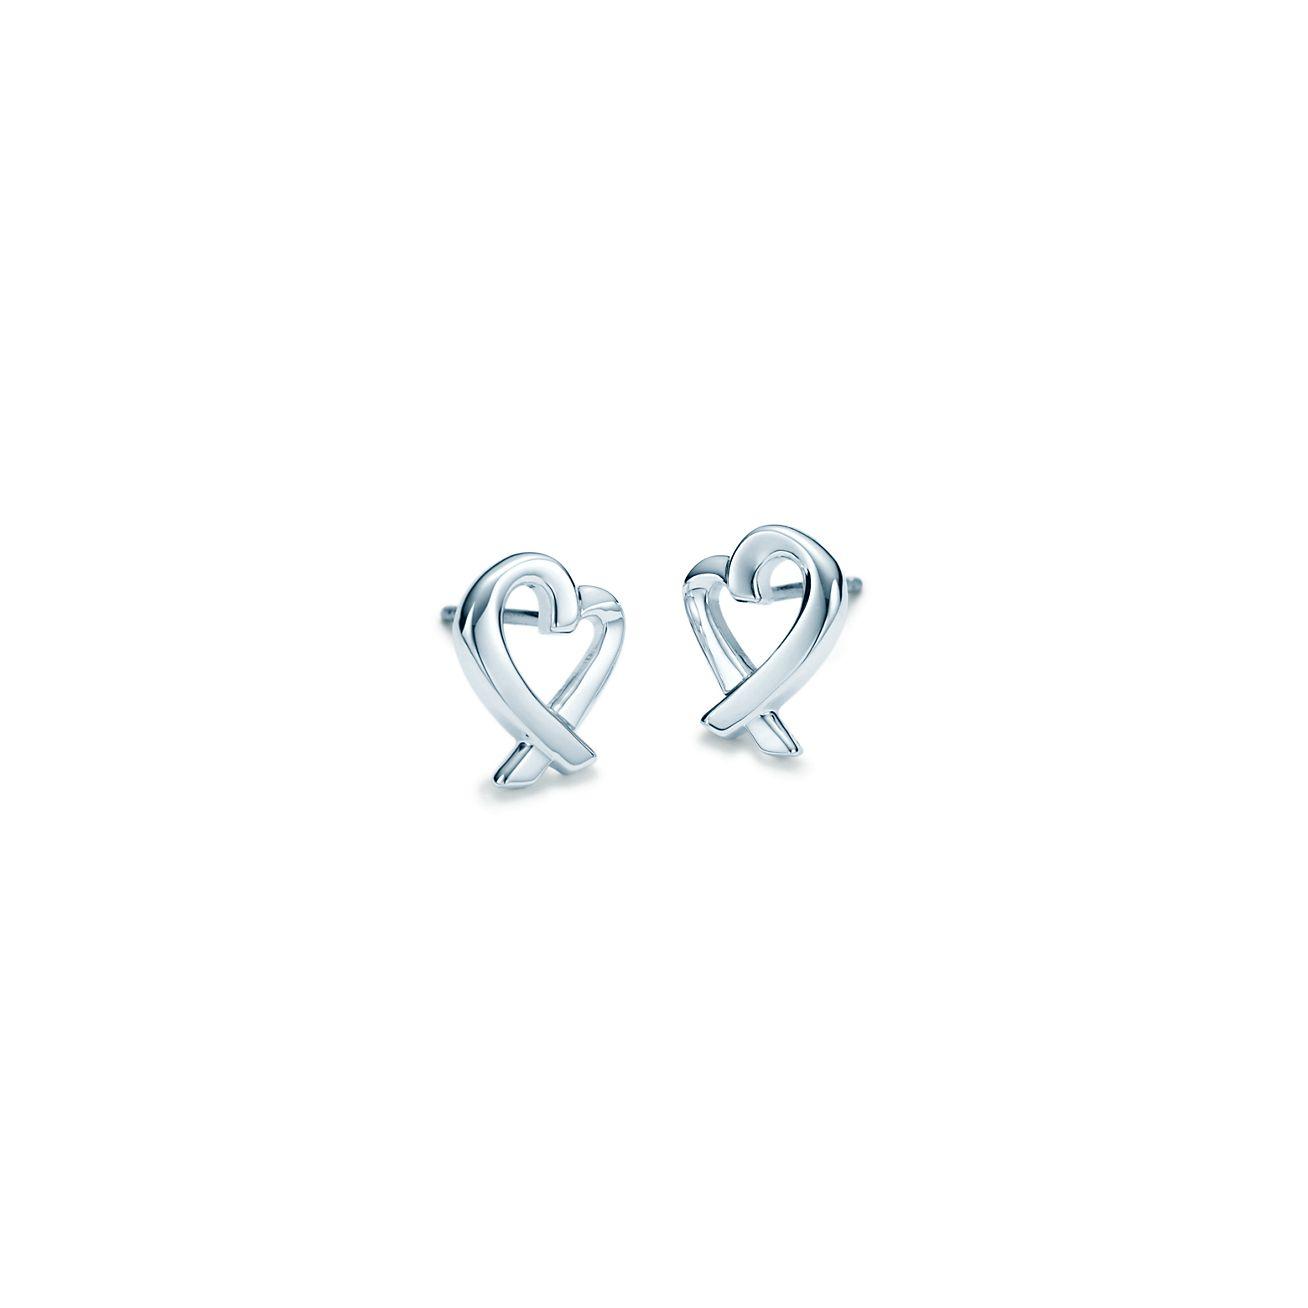 Paloma Picasso Loving Heart Earrings TopEarrings – Tiffany Chandelier Earrings